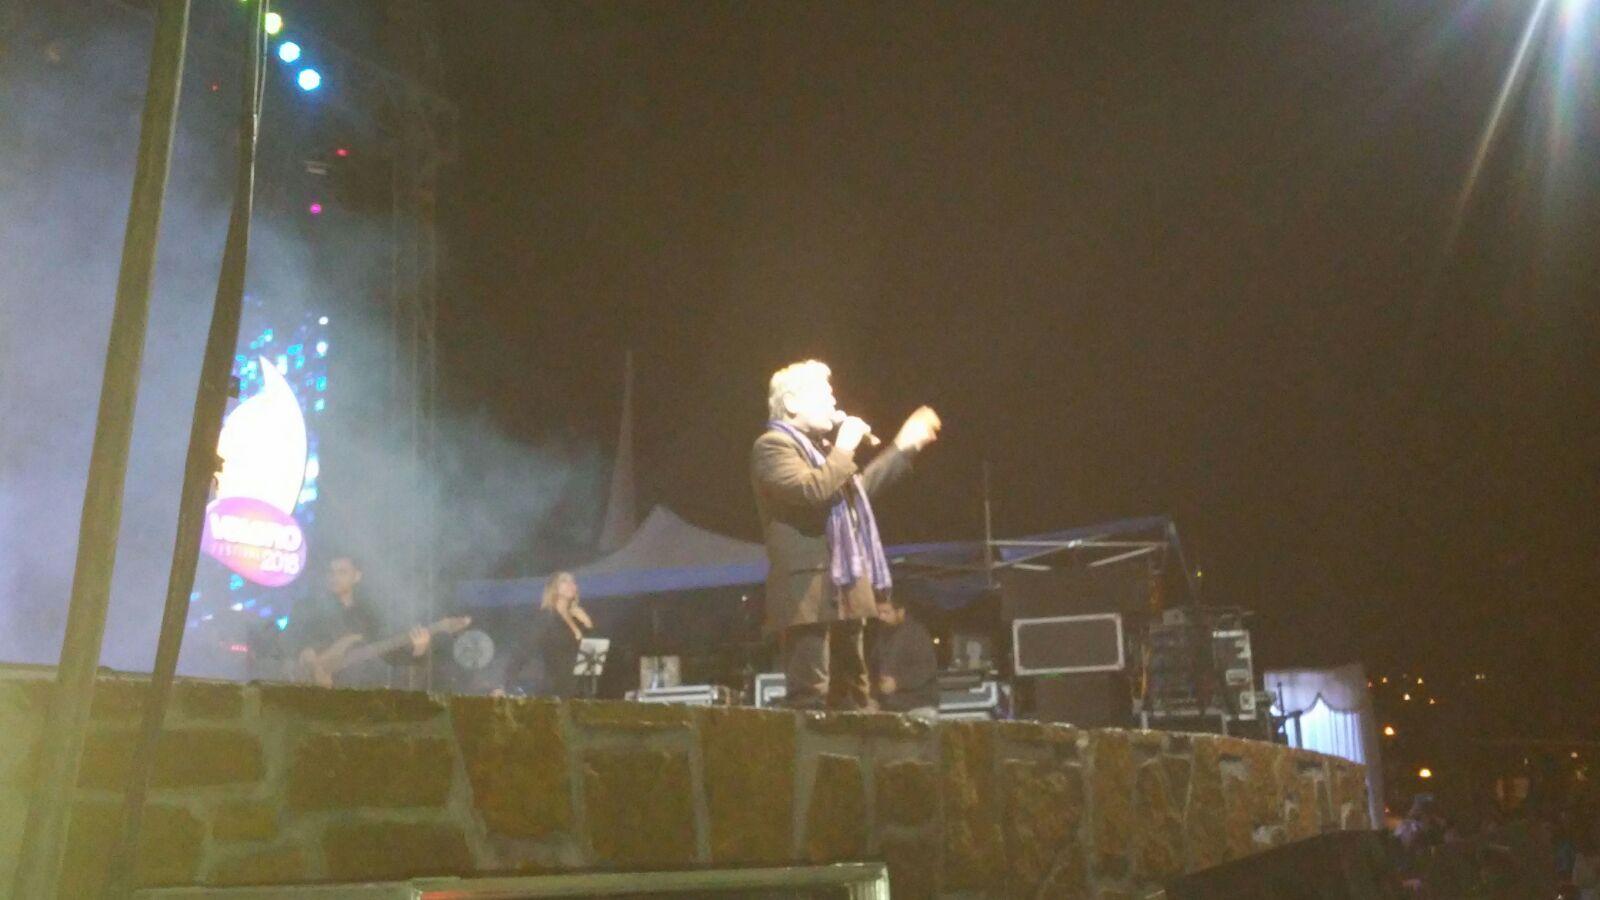 La incómoda situación de Franco Simone sobre el escenario del festival del Velero (video)